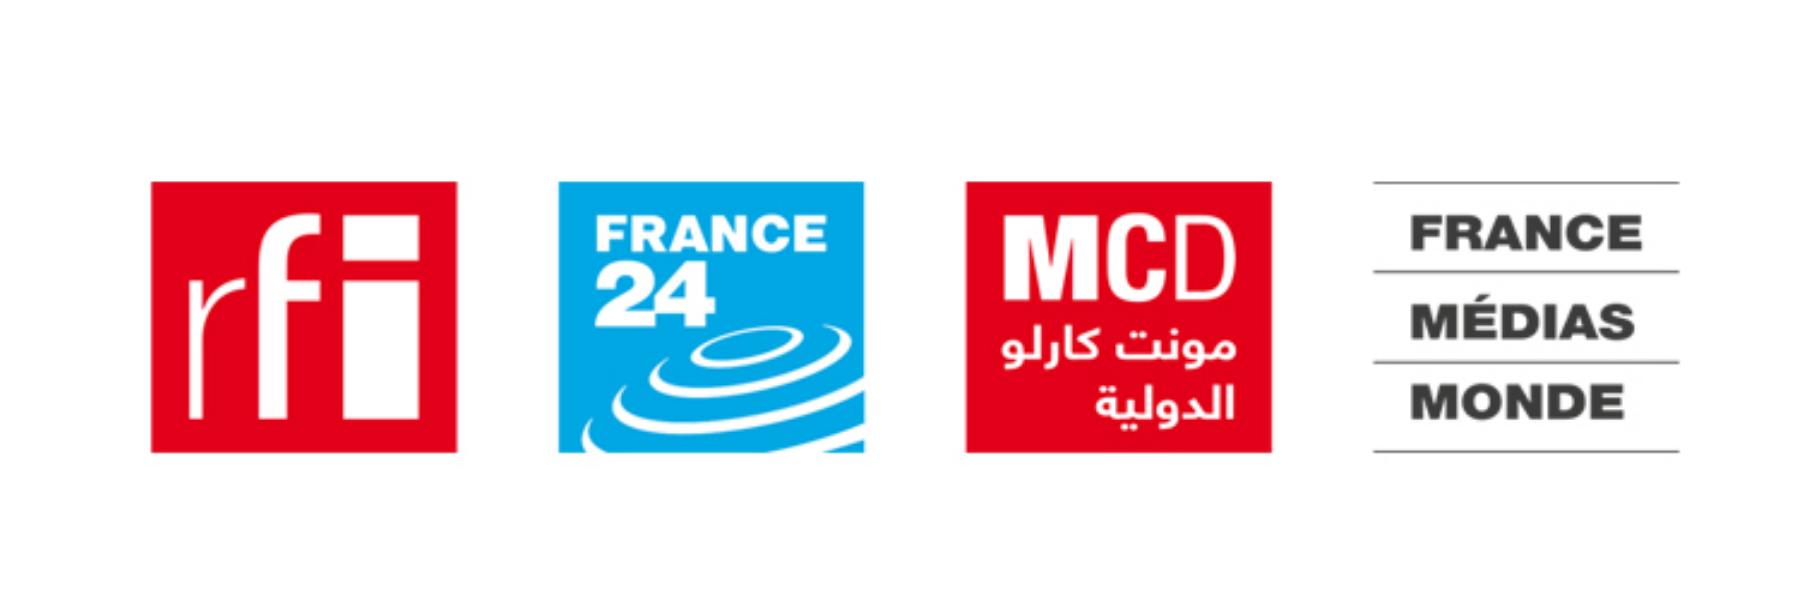 France Médias Monde présente ses orientations stratégiques